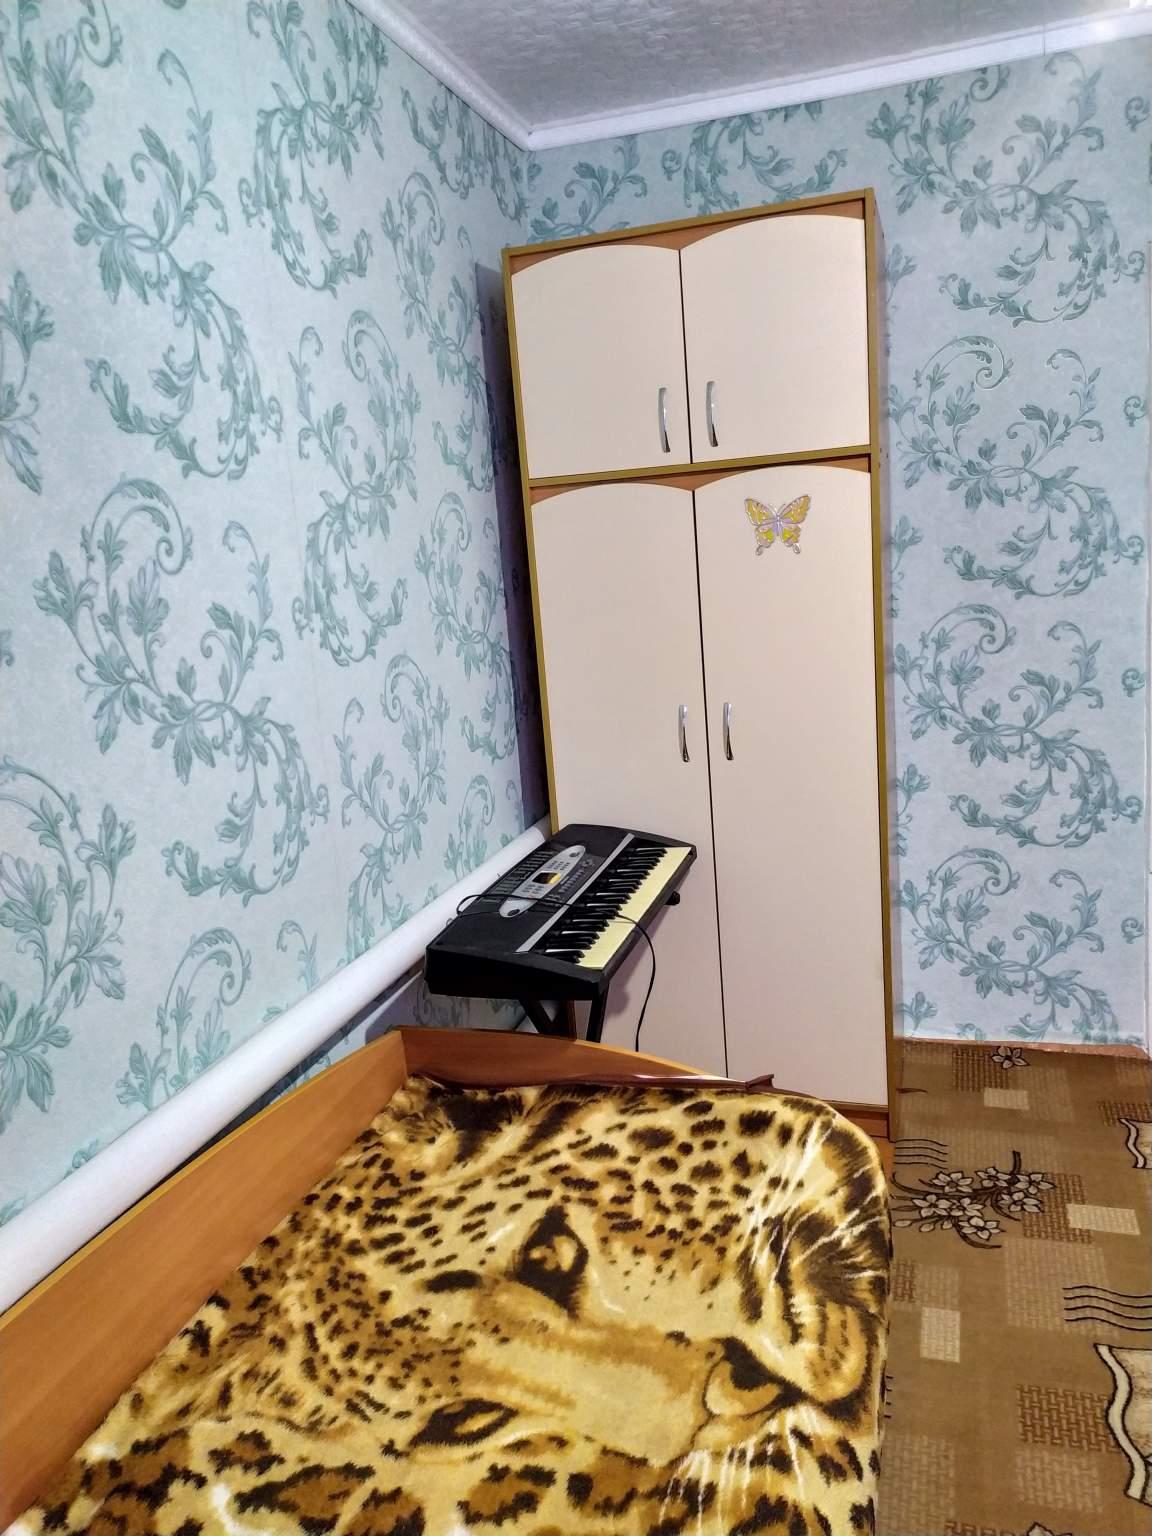 Дом на продажу по адресу Россия, Новосибирская обл, Ордынский р-н, село Козиха, Строителей улица, 19